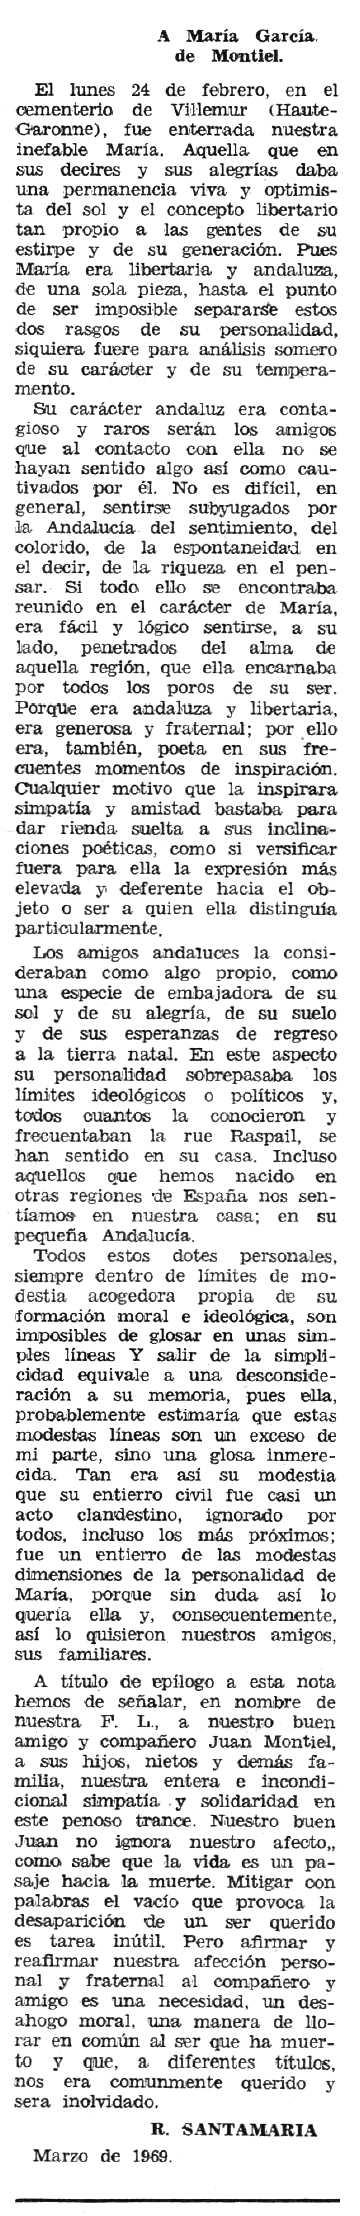 """Necrològica de María García García apareguda en el periòdic tolosà """"Espoir"""" de l'11 de maig de 1969"""